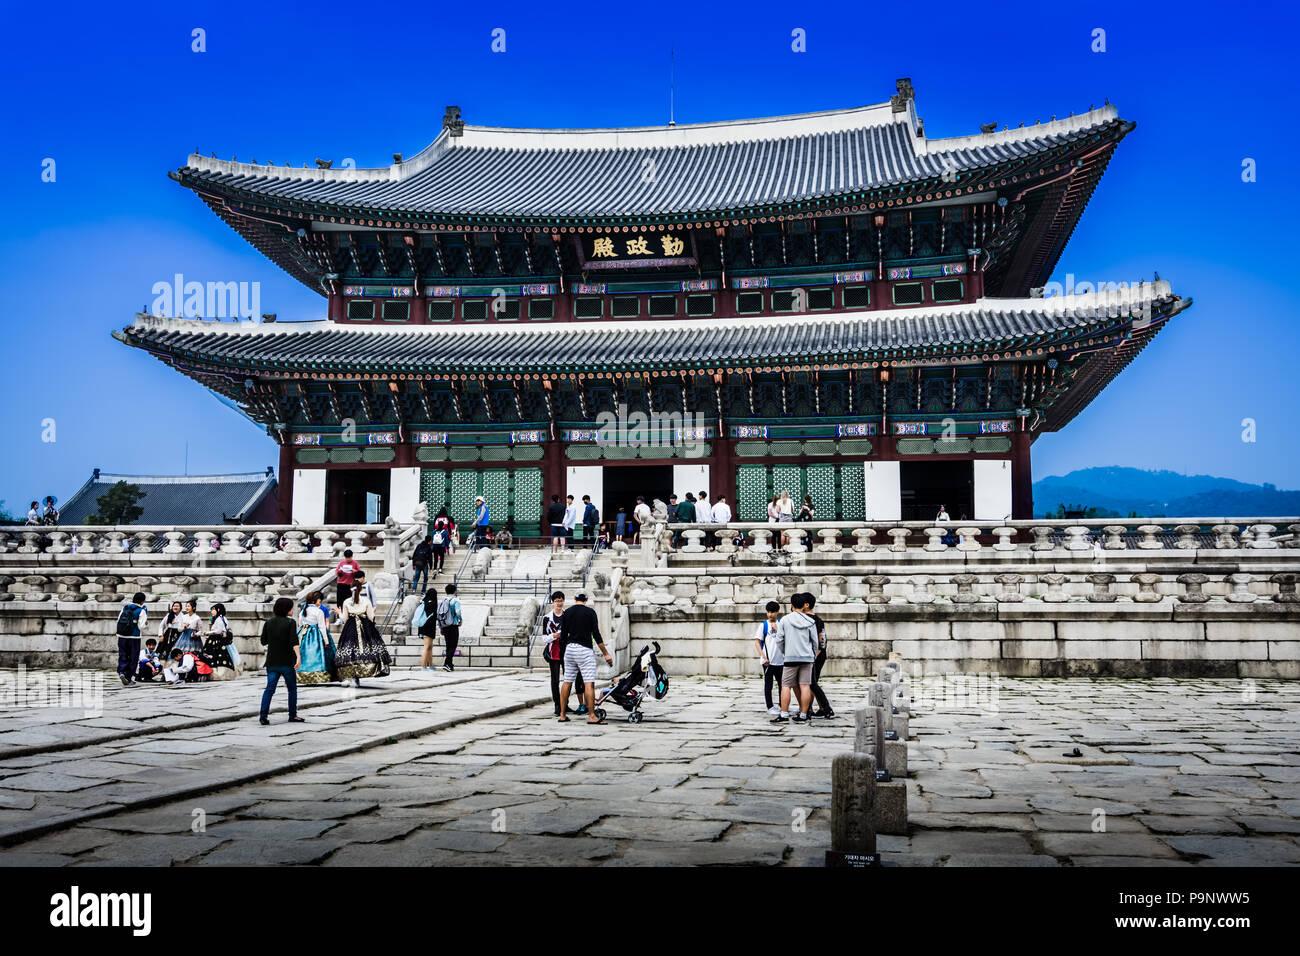 Seoul, Korea - May 11, 2017:  Gyeongbokgung Palace or Gyeongbok Palace, was the main royal palace of the Joseon dynasty. - Stock Image